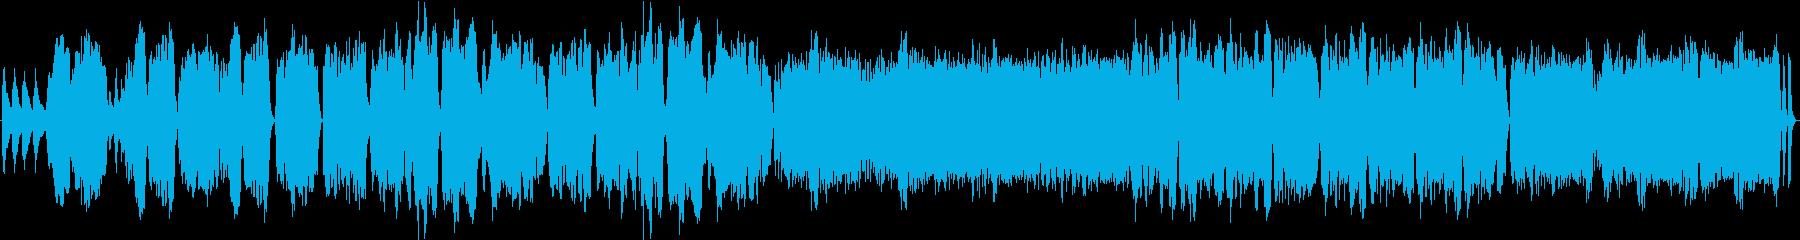 チャルダッシュ(フルートピアノ伴奏)の再生済みの波形